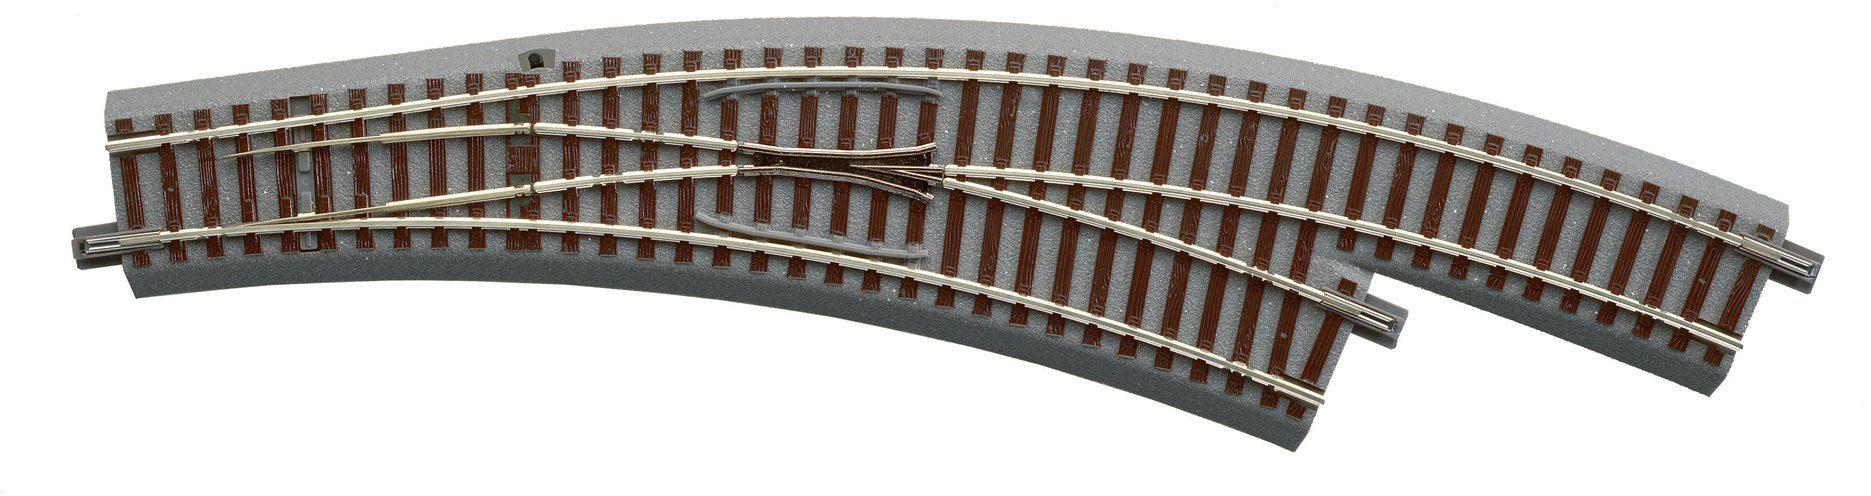 Roco Gleise, Spur H0, »Bogenweiche R3 4 rechts - Gleichstrom«